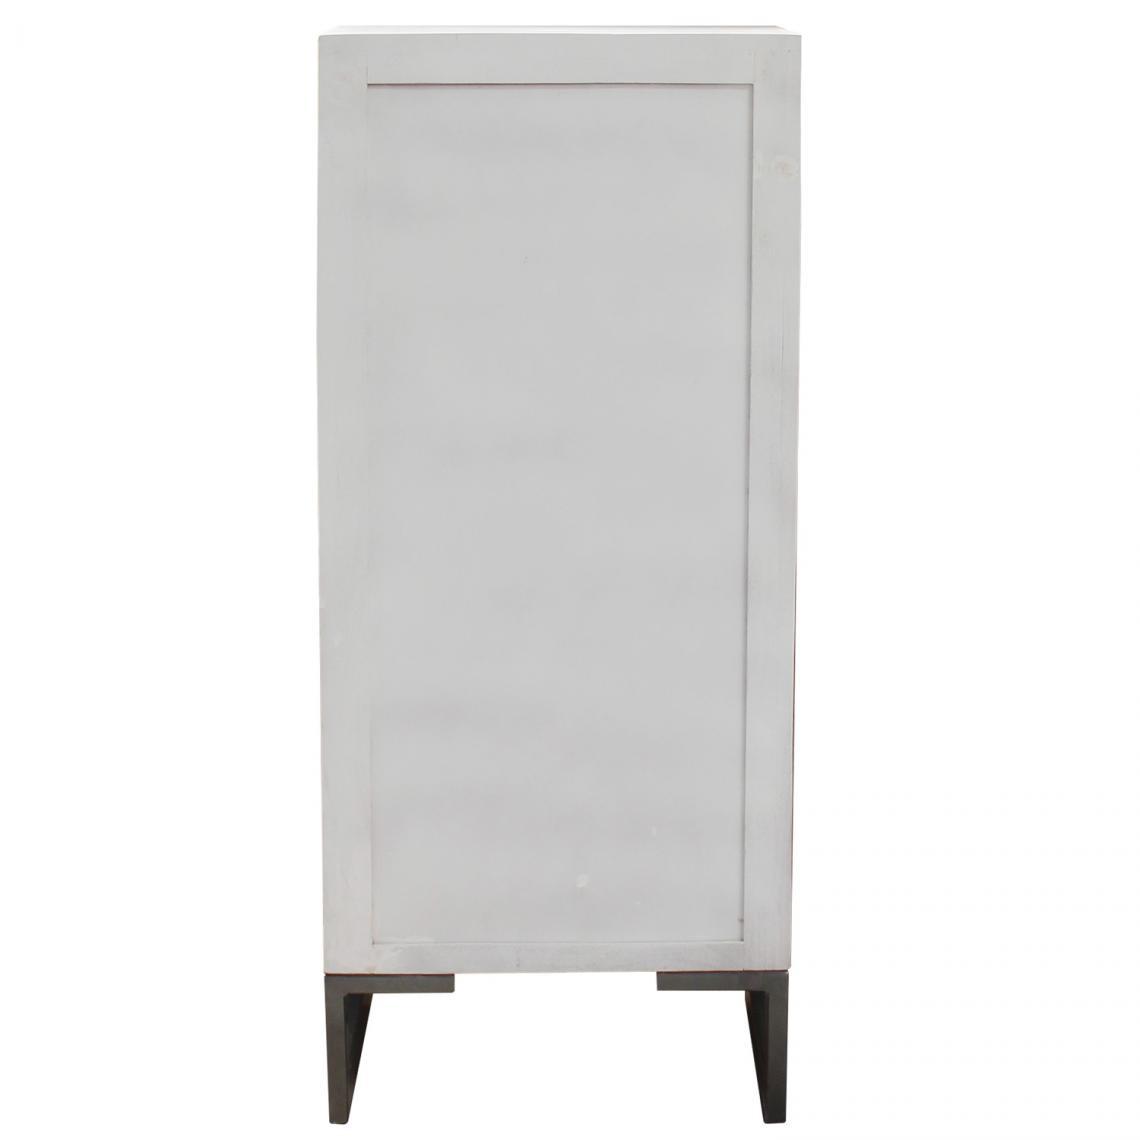 Commode 5 tiroirs Blanc NAKITA PBqLy